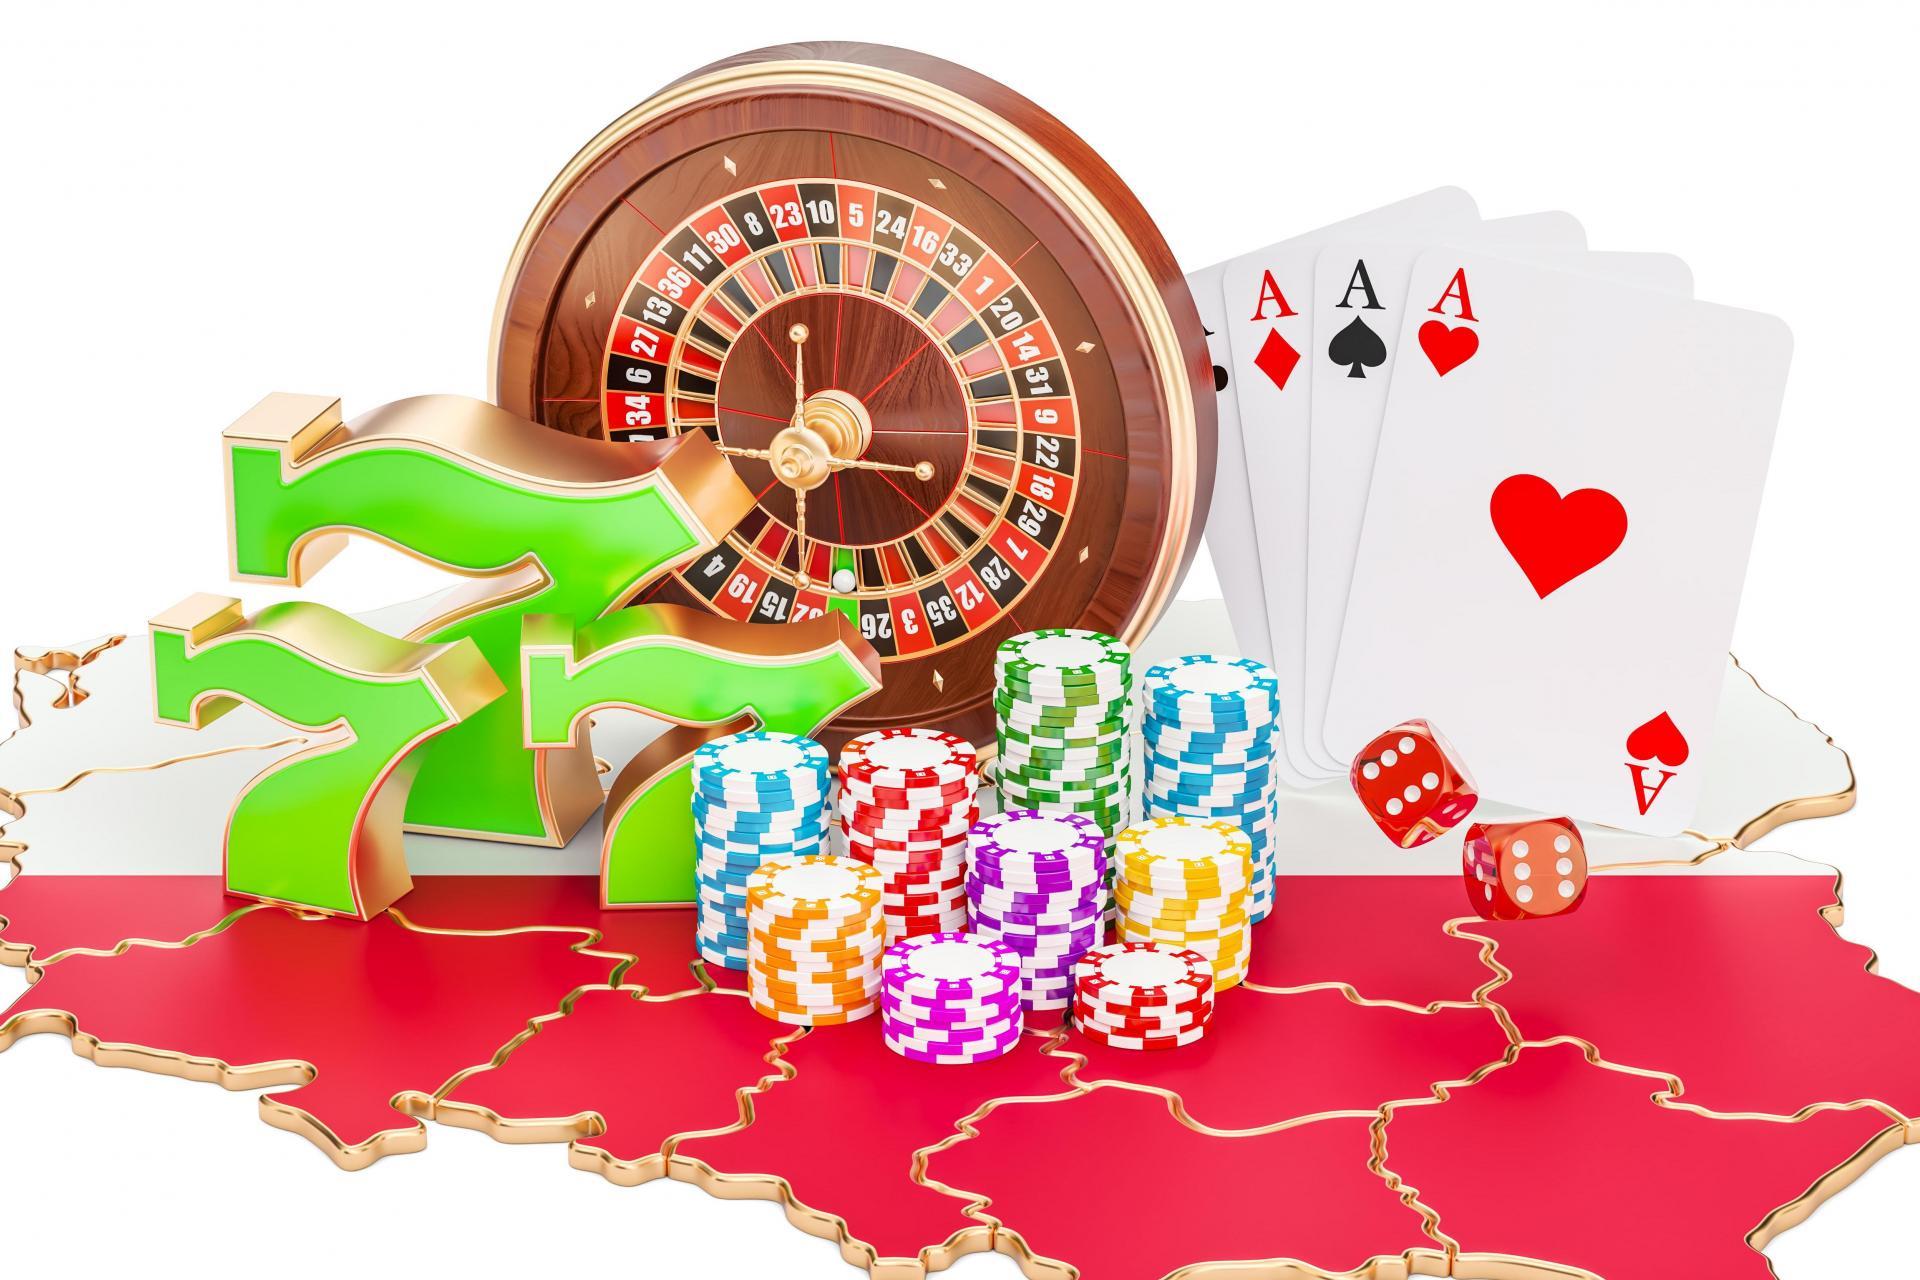 Głębsze spojrzenie na polską branżę hazardową wartą 5 mld euro